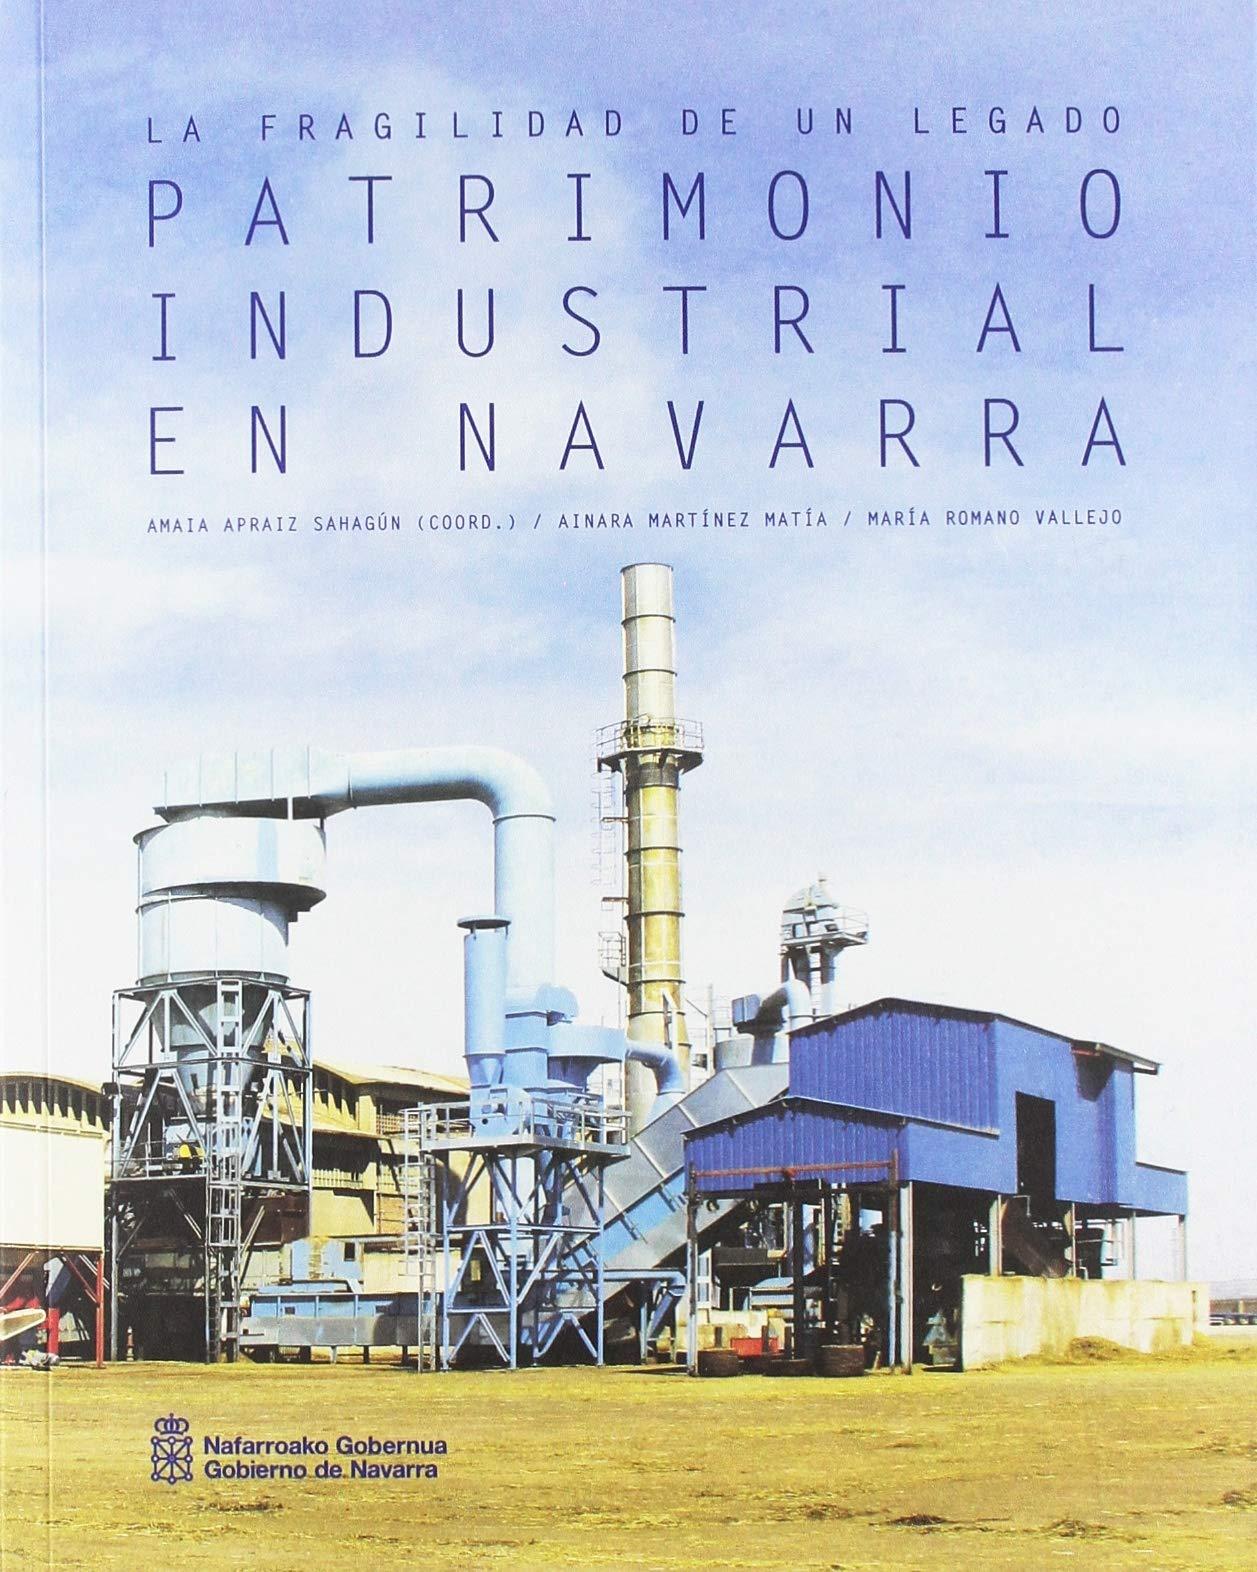 Patrimonio industrial en Navarra